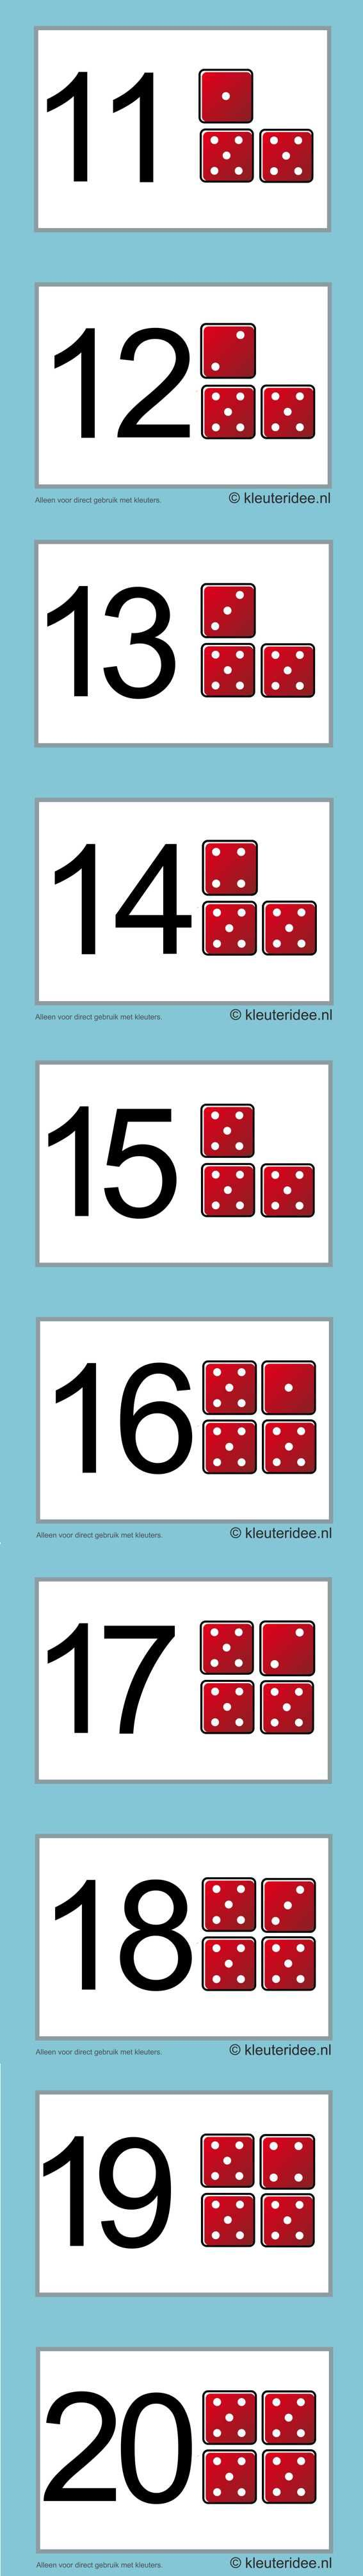 Cijferkaarten voor kleuters 19-20, kleuteridee , number cards for preschool , free printable.